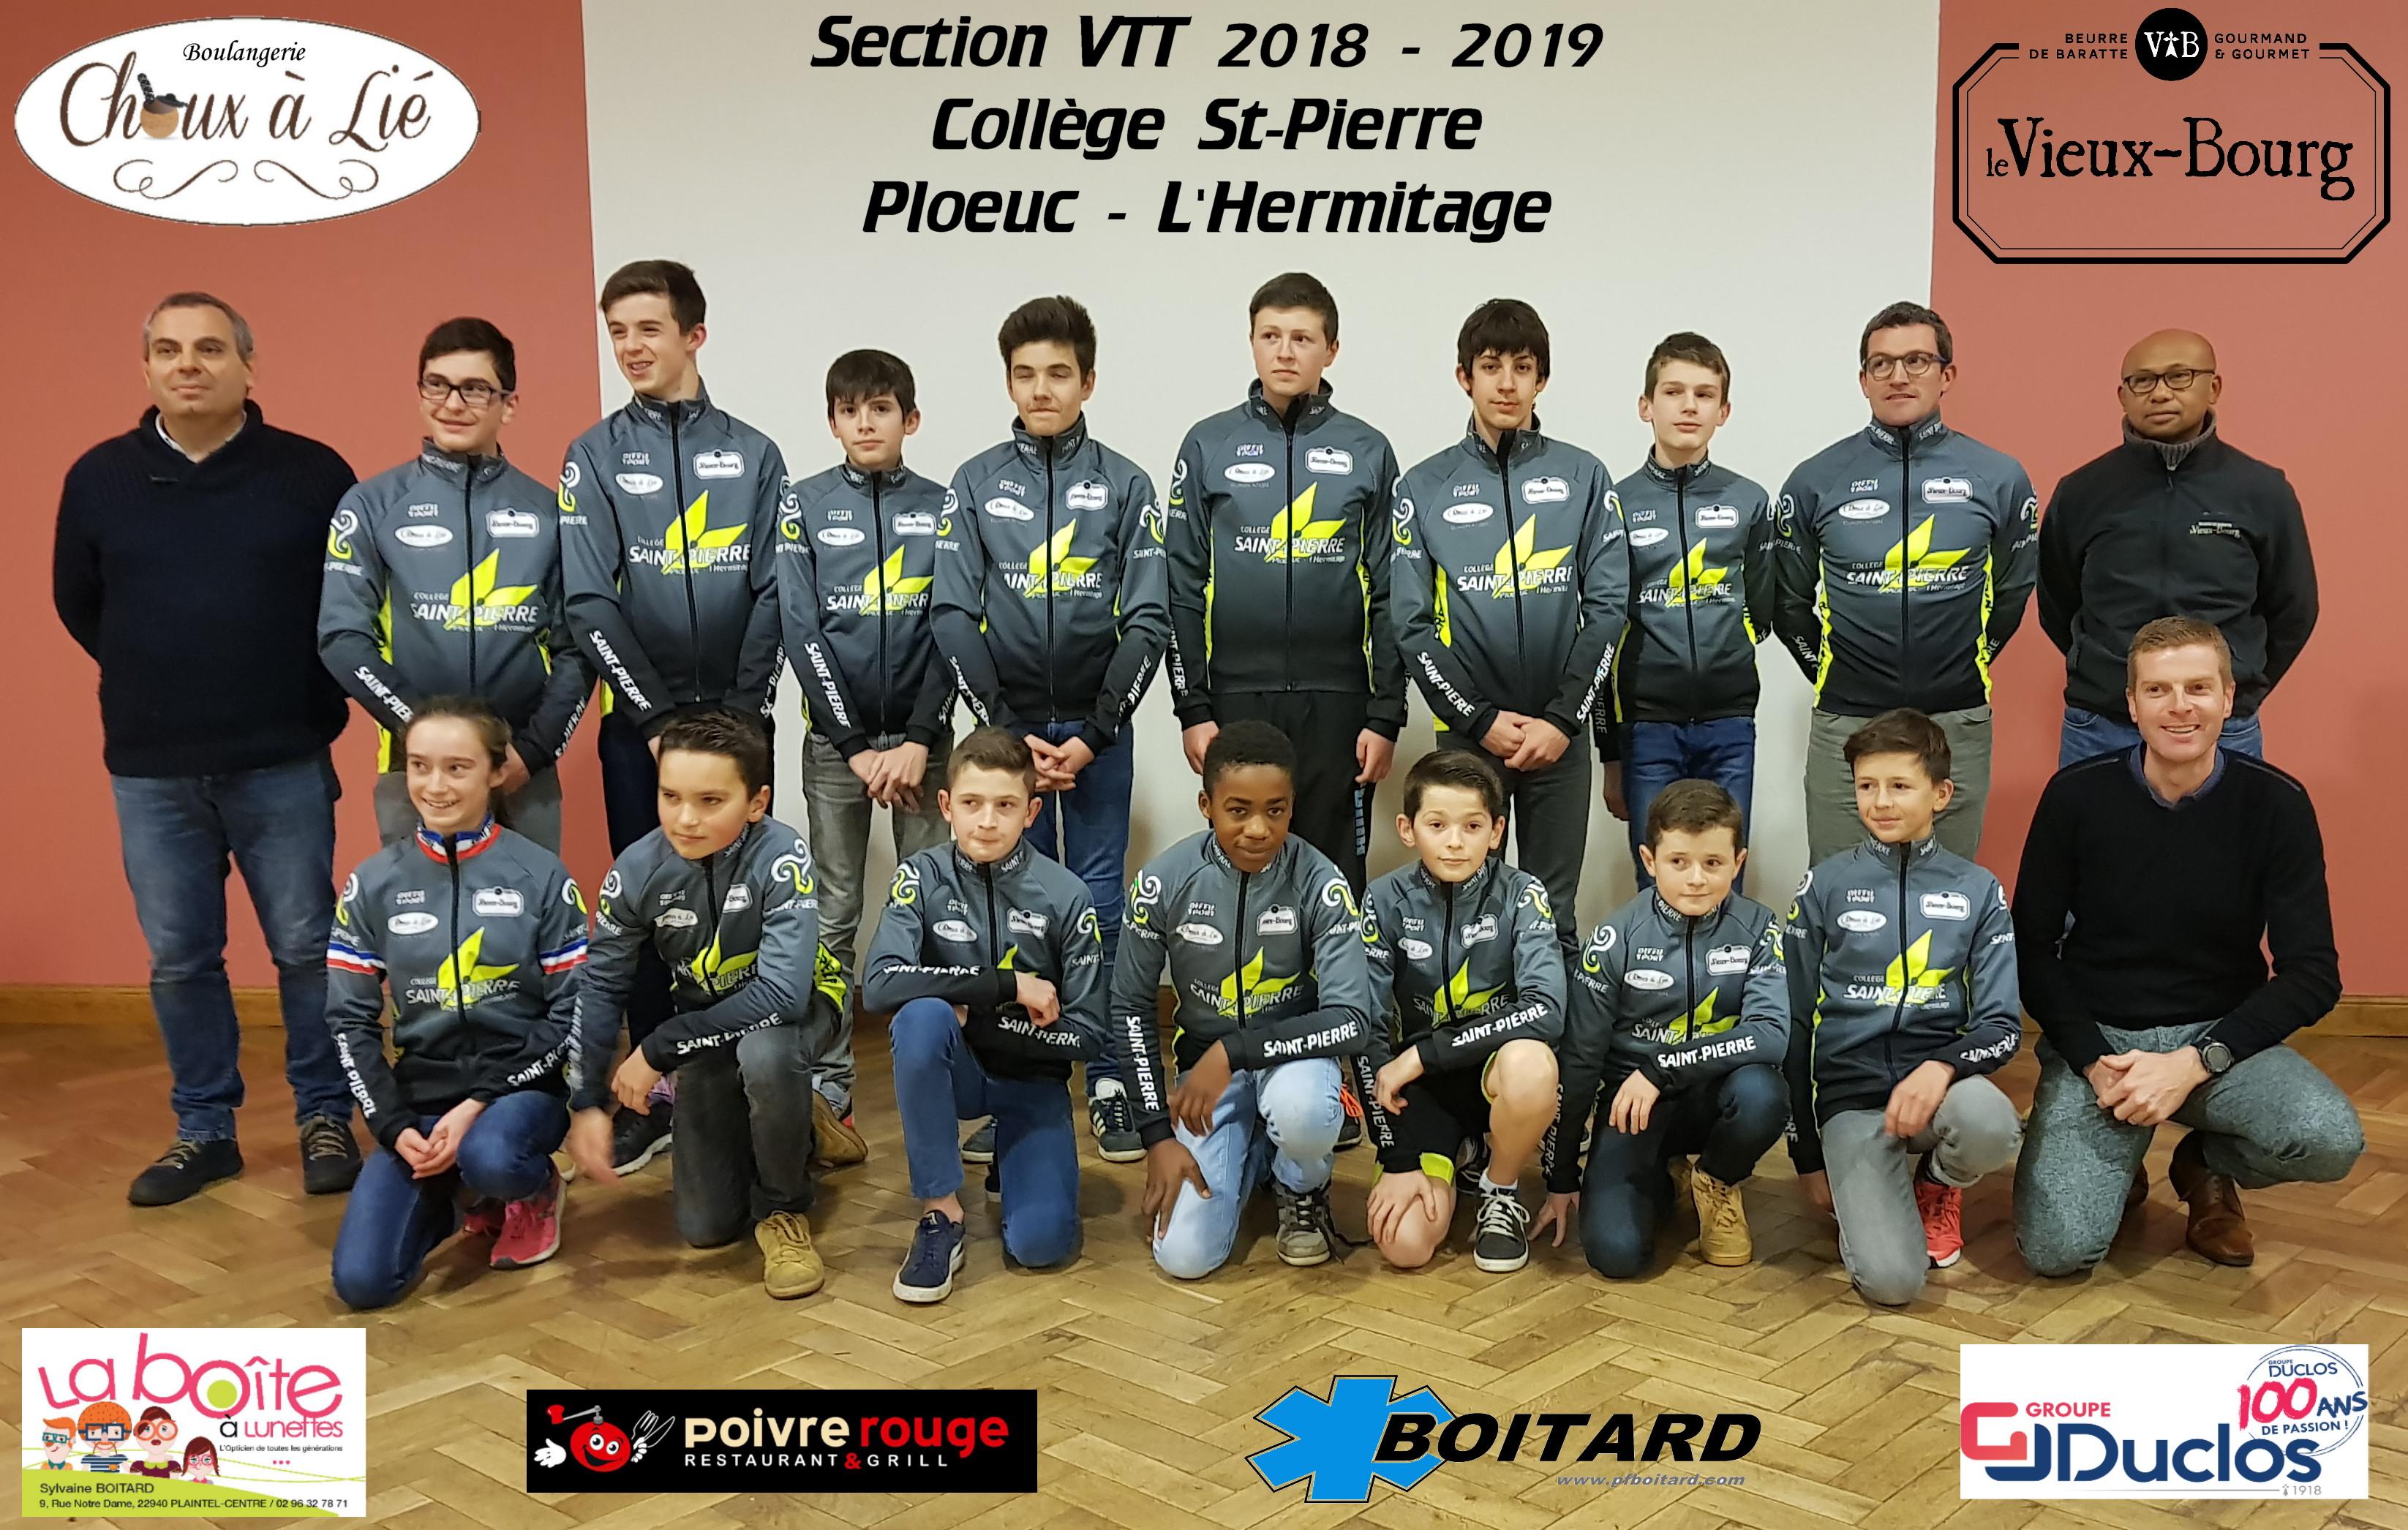 Présentation Section VTT 2018-2019 St-Pierre